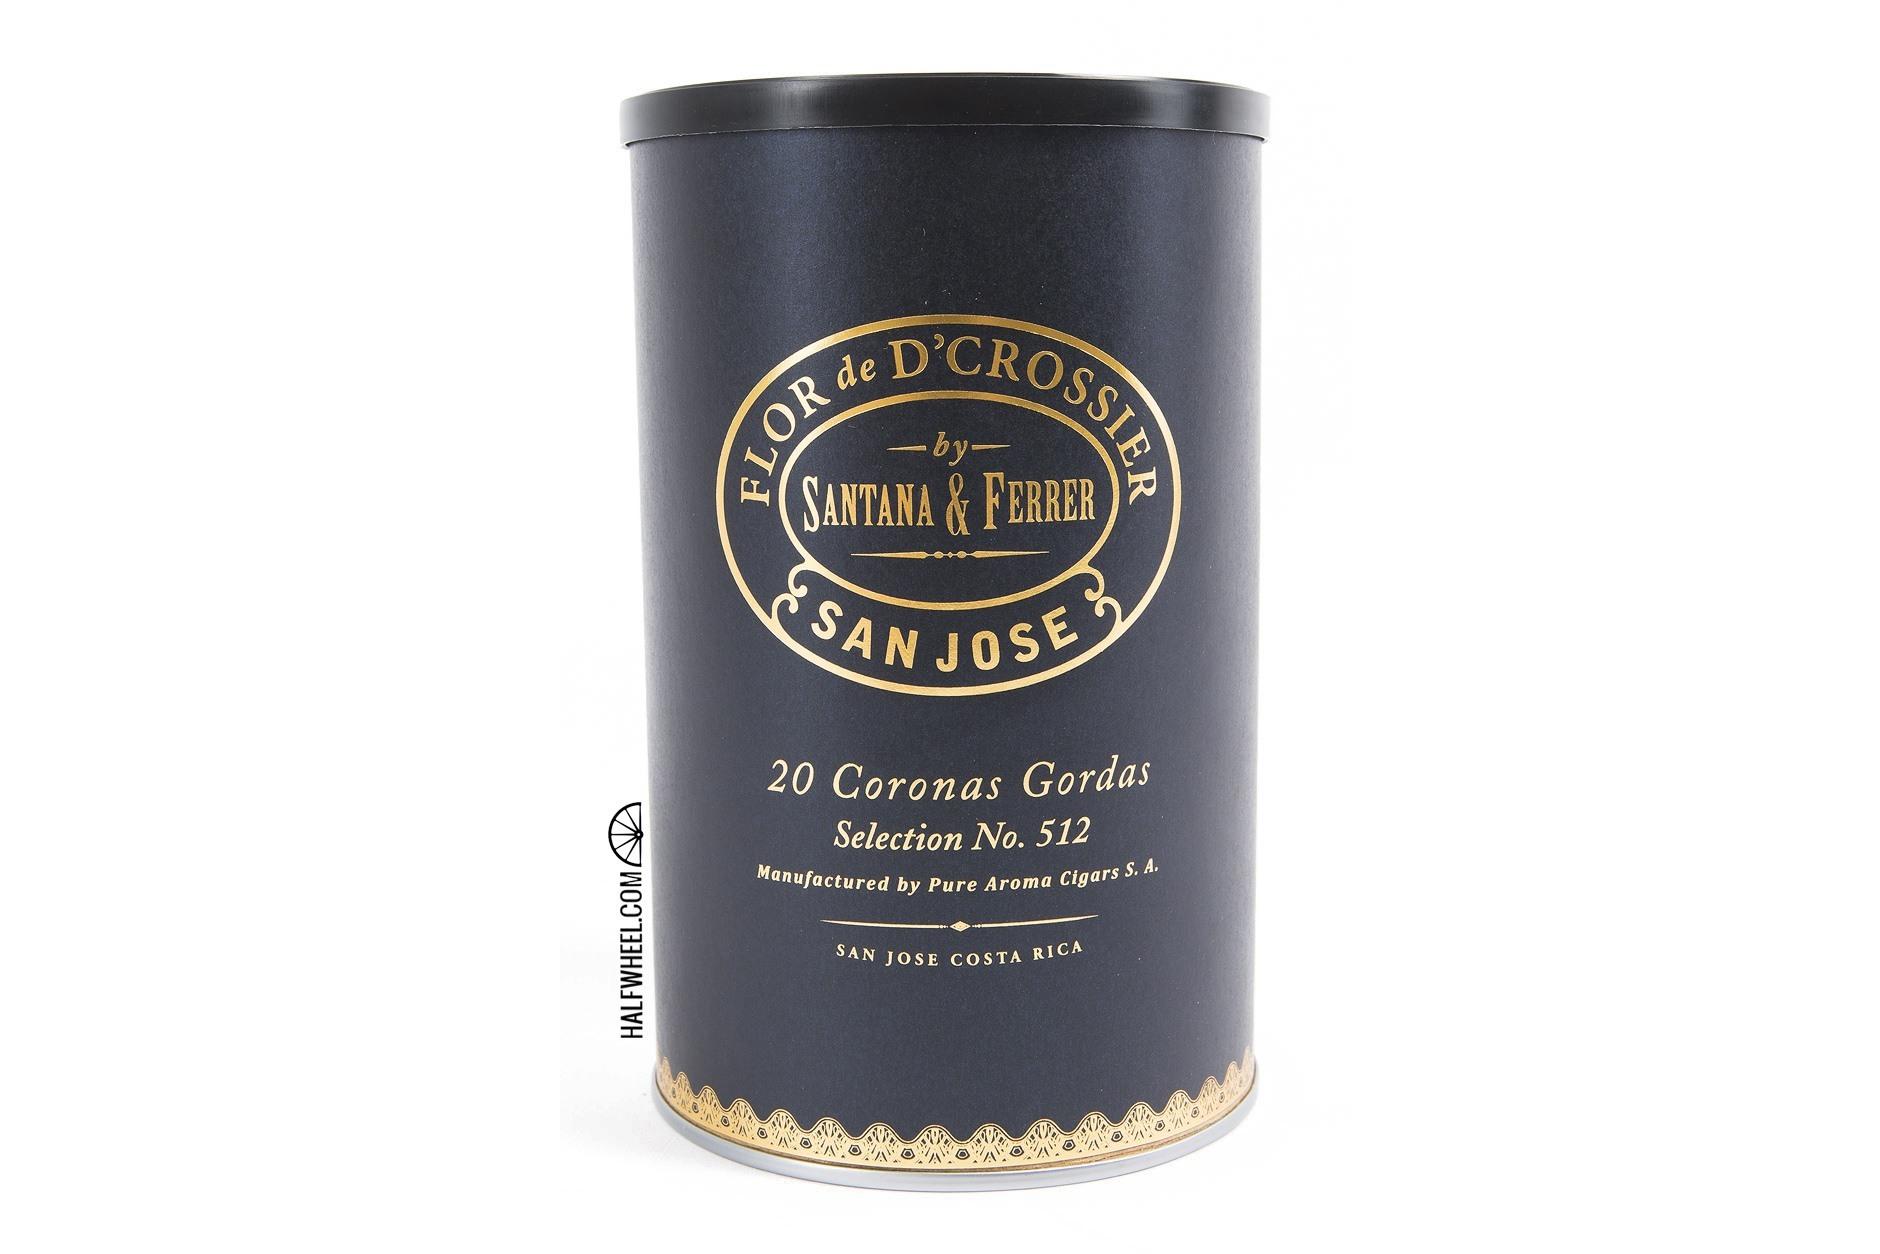 Flor de D'Crossier Selection No. 512 Corona Gorda Jar 1 copy